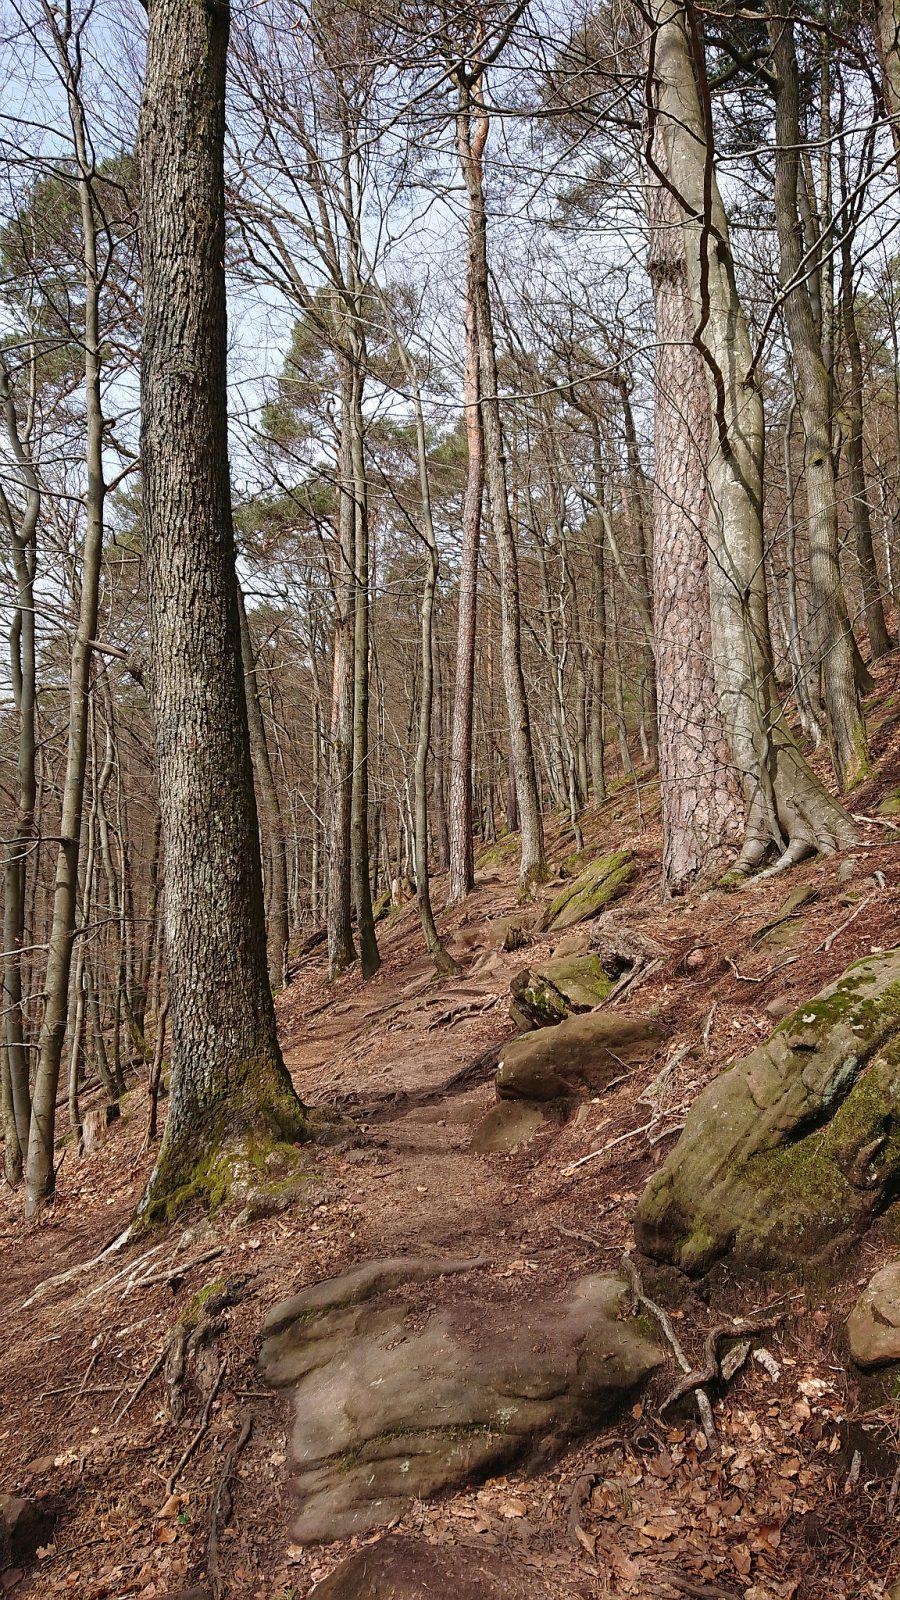 Der erste Abschnitt führt durch einen schönen Mischwald.